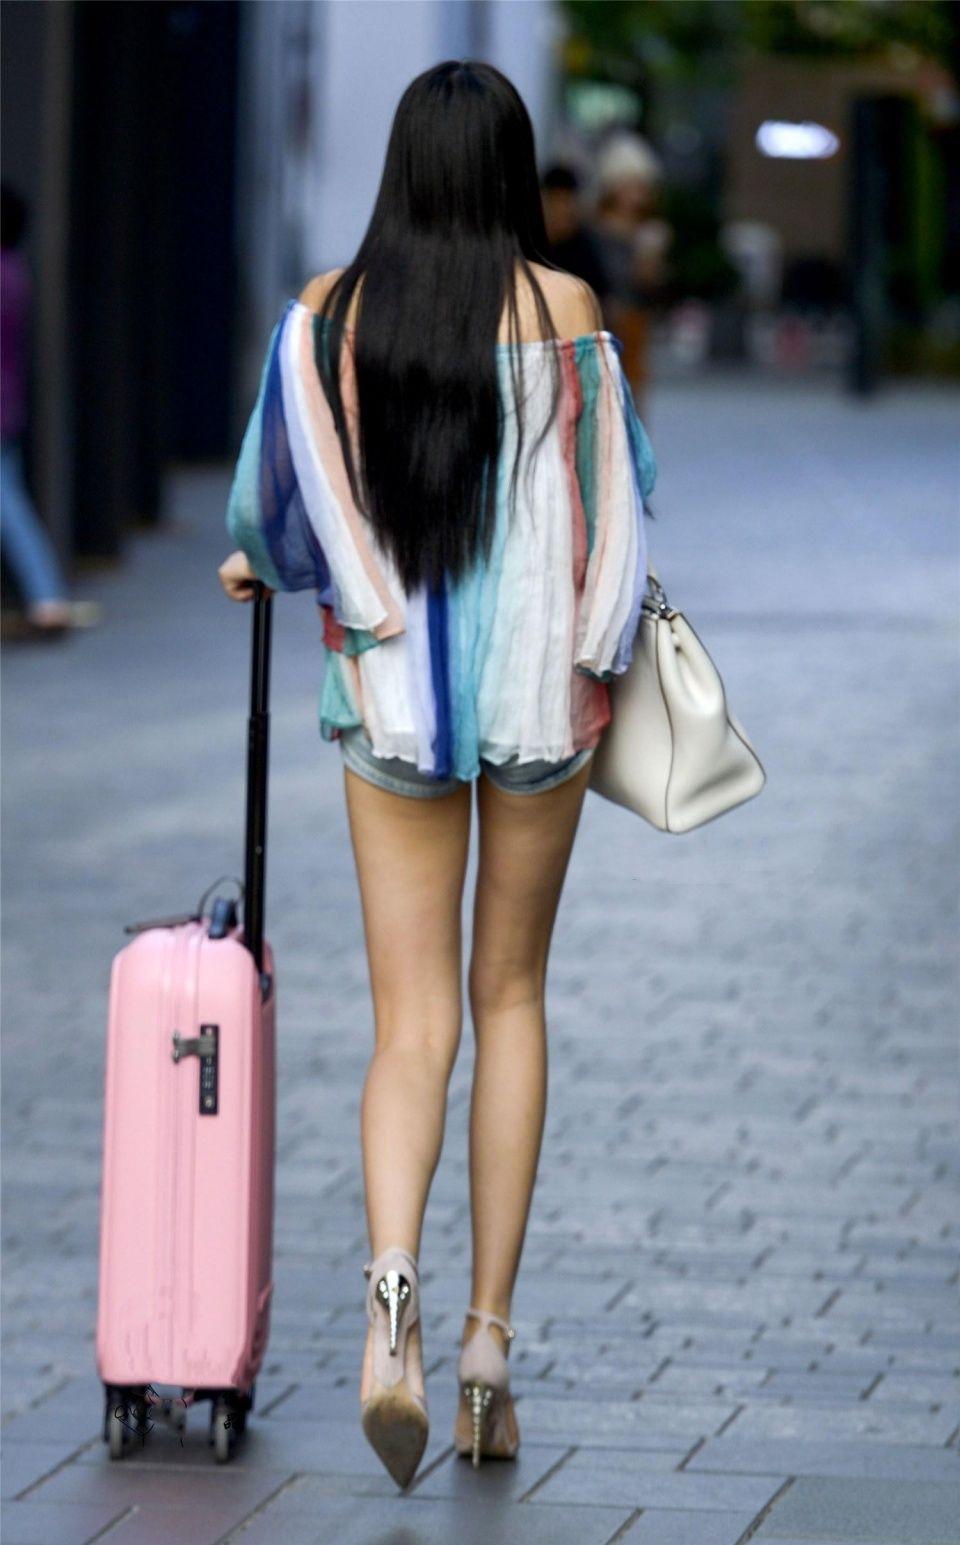 街拍,美女一头乌黑长发,穿着时尚细脚高跟尽显修长